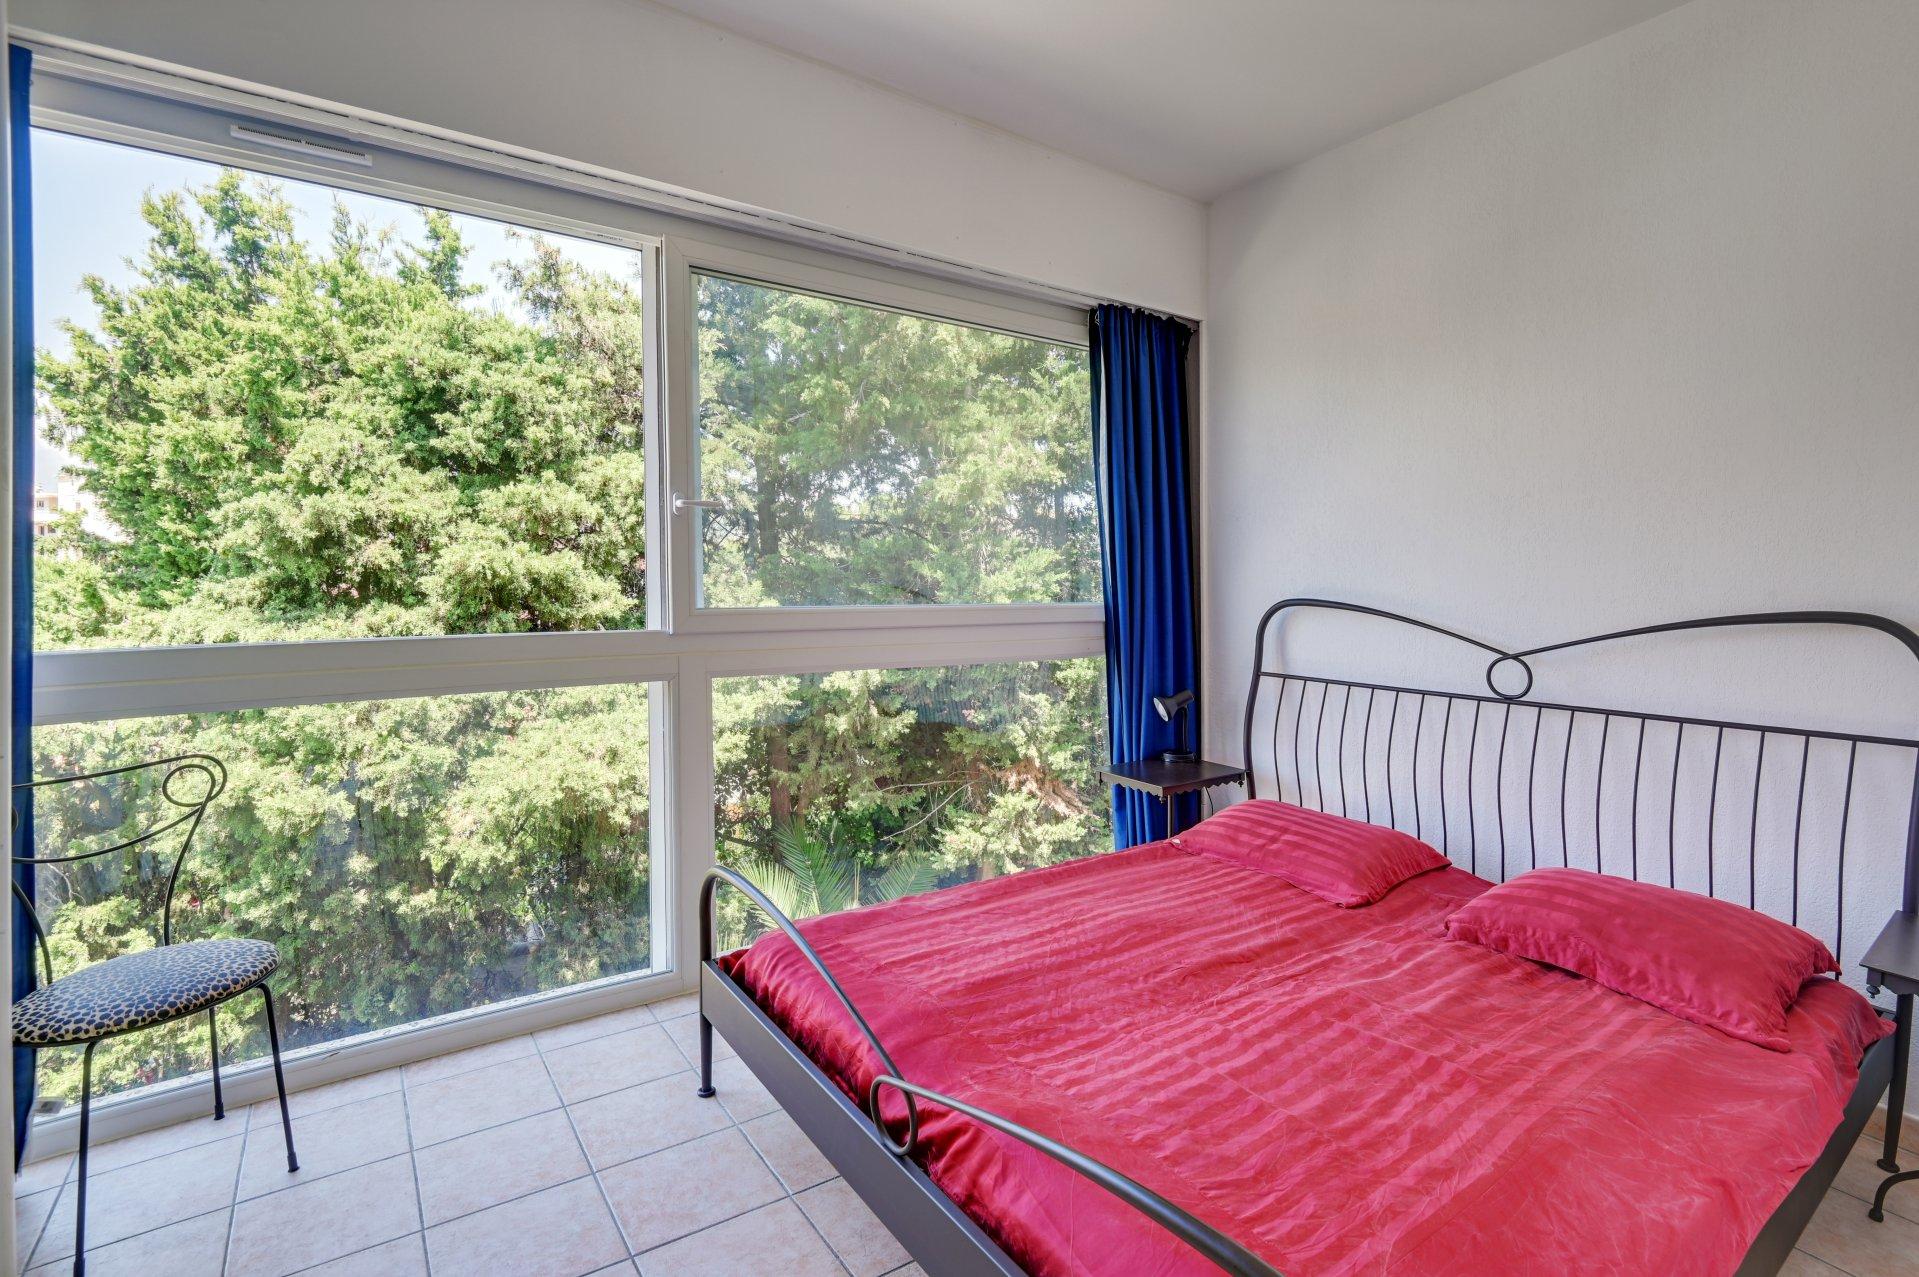 CANNES - Hyggelig liten norskeid 2-roms med terrasse, garasje, bod og heis i gangavstand til nærutikker